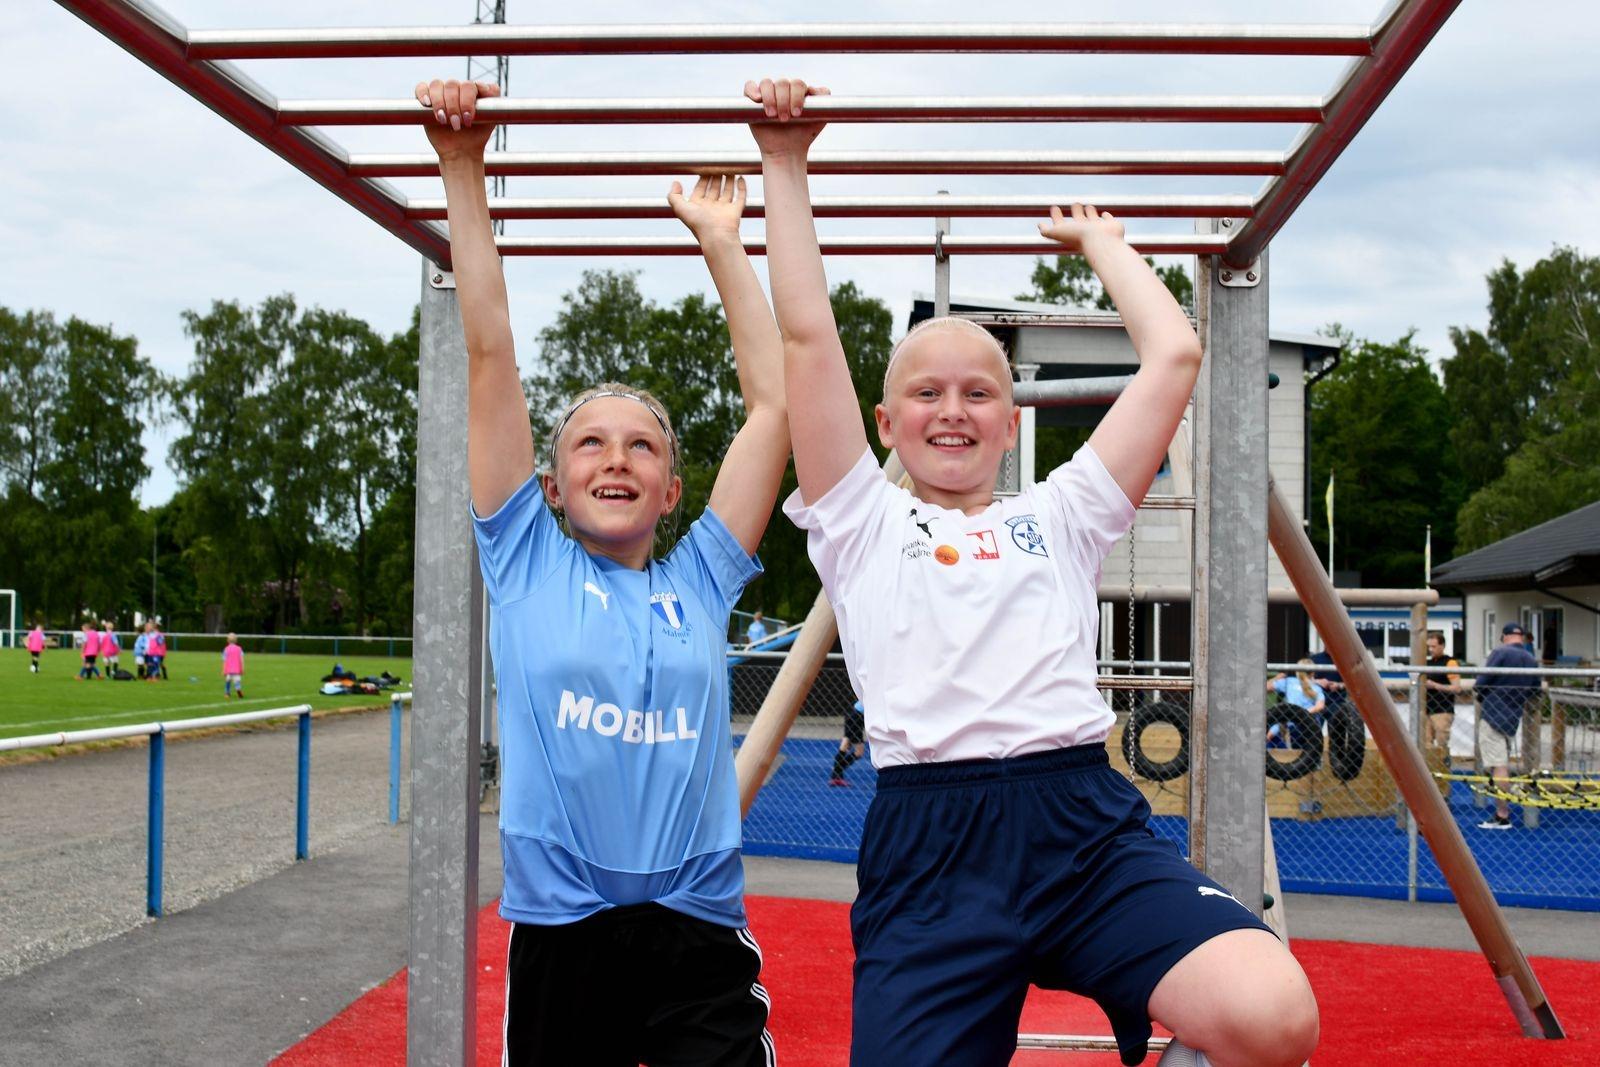 """Wilma Ceder och Hilda Eriksson hänger på motorikbanan under lunchpausen. """"Bäst med lägret är chansen att få lära sig nya saker av duktiga tränare"""" säger Wilma."""